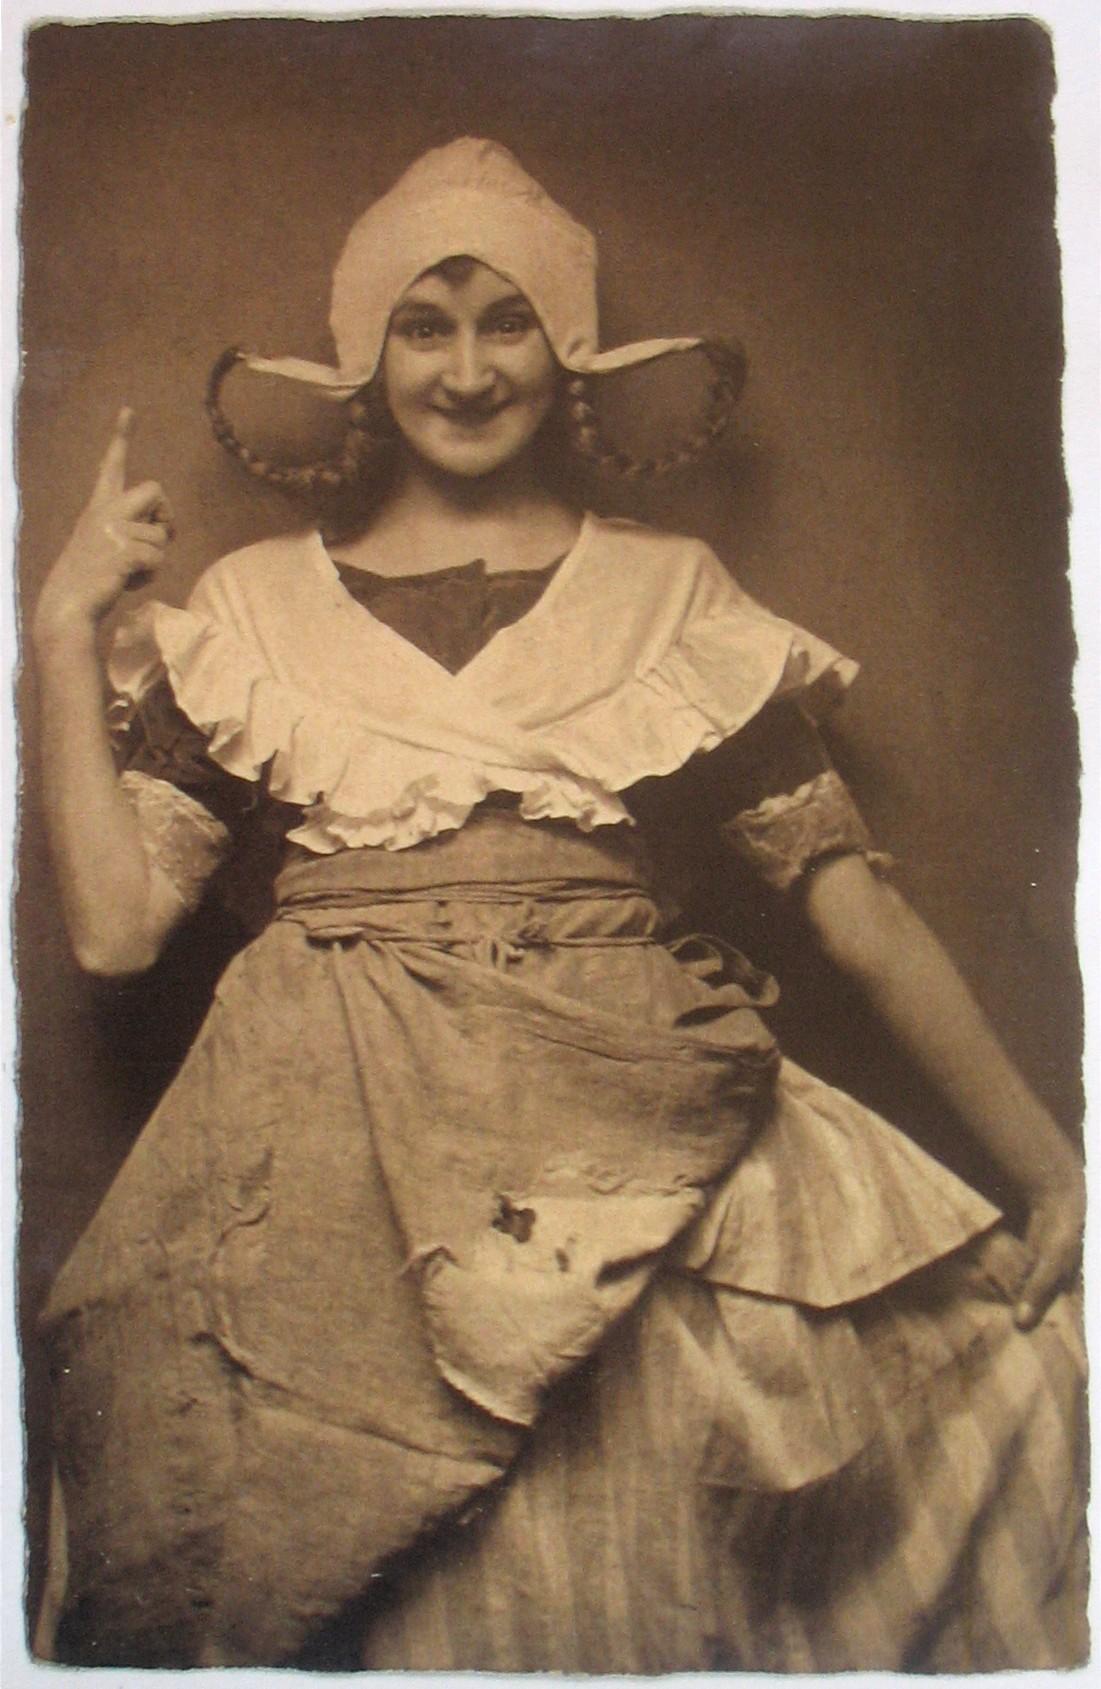 """Emmerich Kalman's 1920 operetta """"Das Hollandweibchen"""" also played with 'Dutch' elements, successfully."""